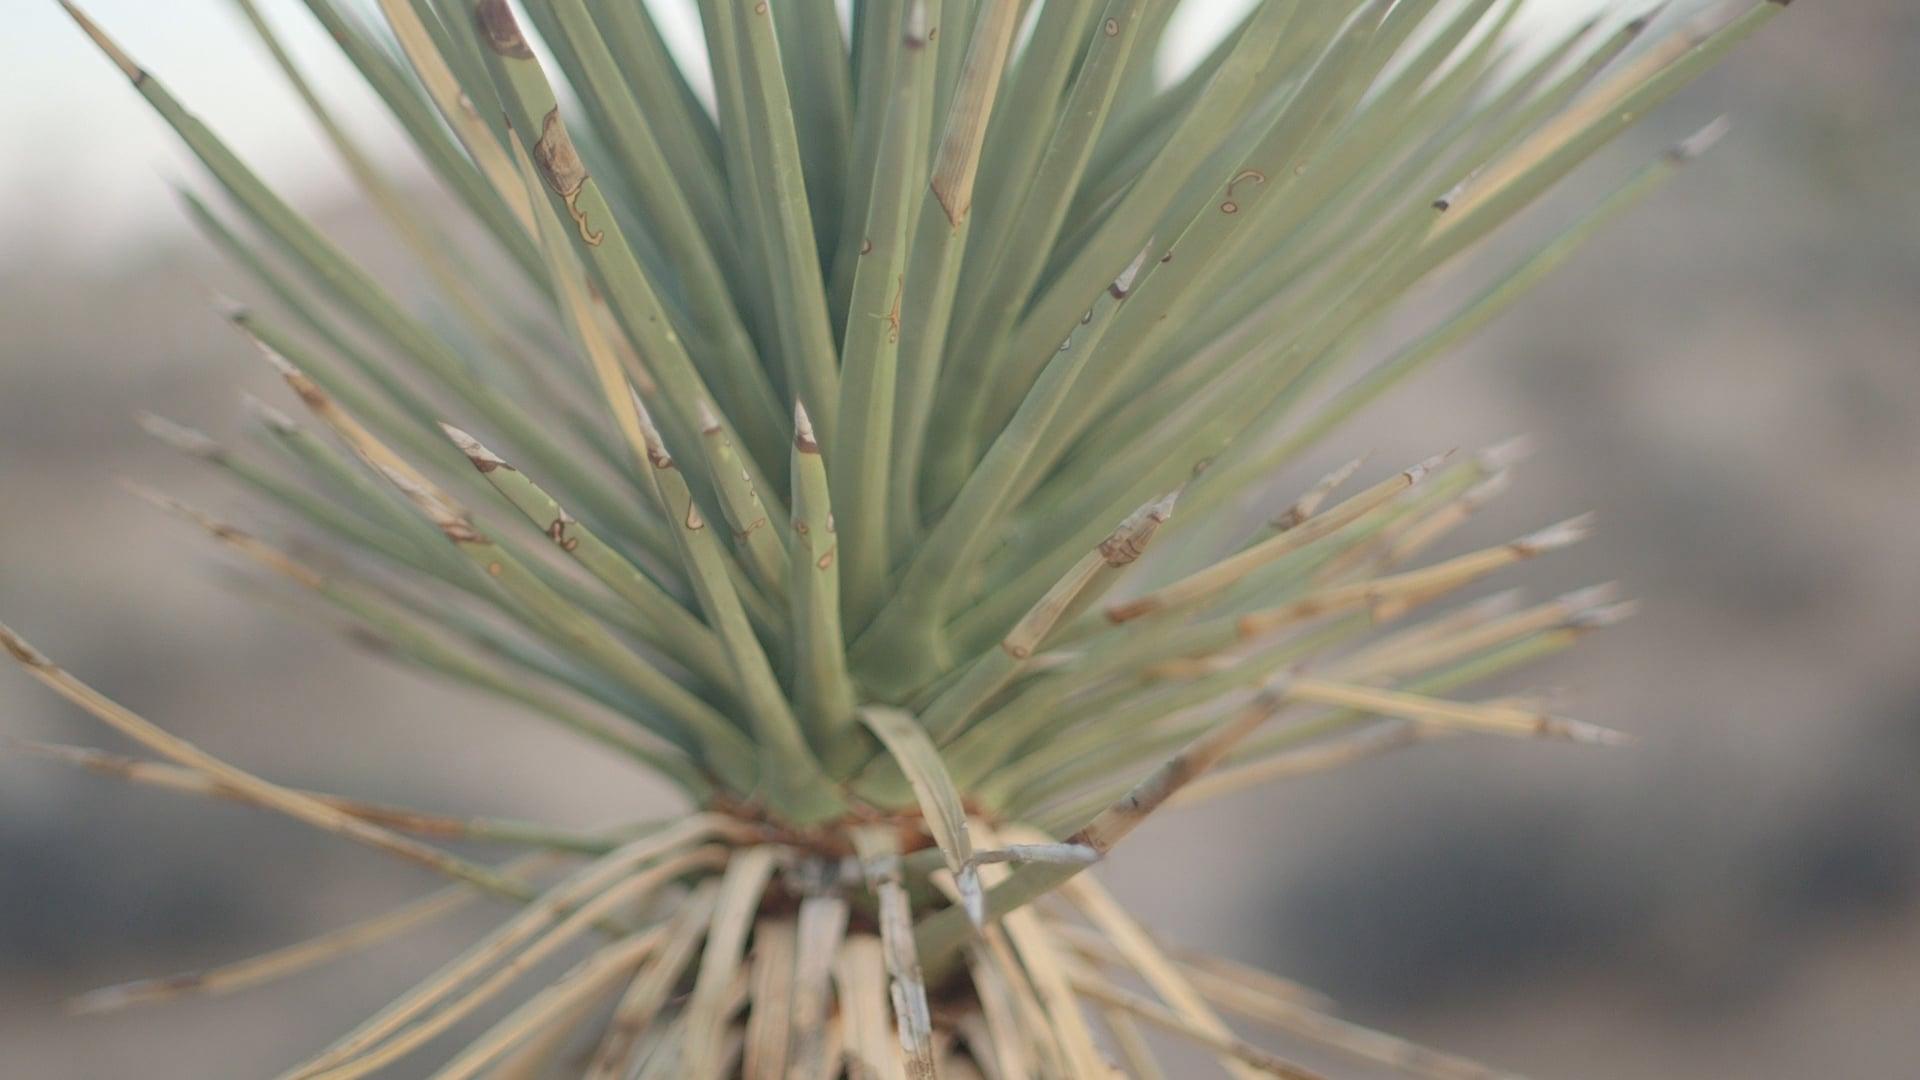 cactus-joshua tree-lima-nature-woodwalk